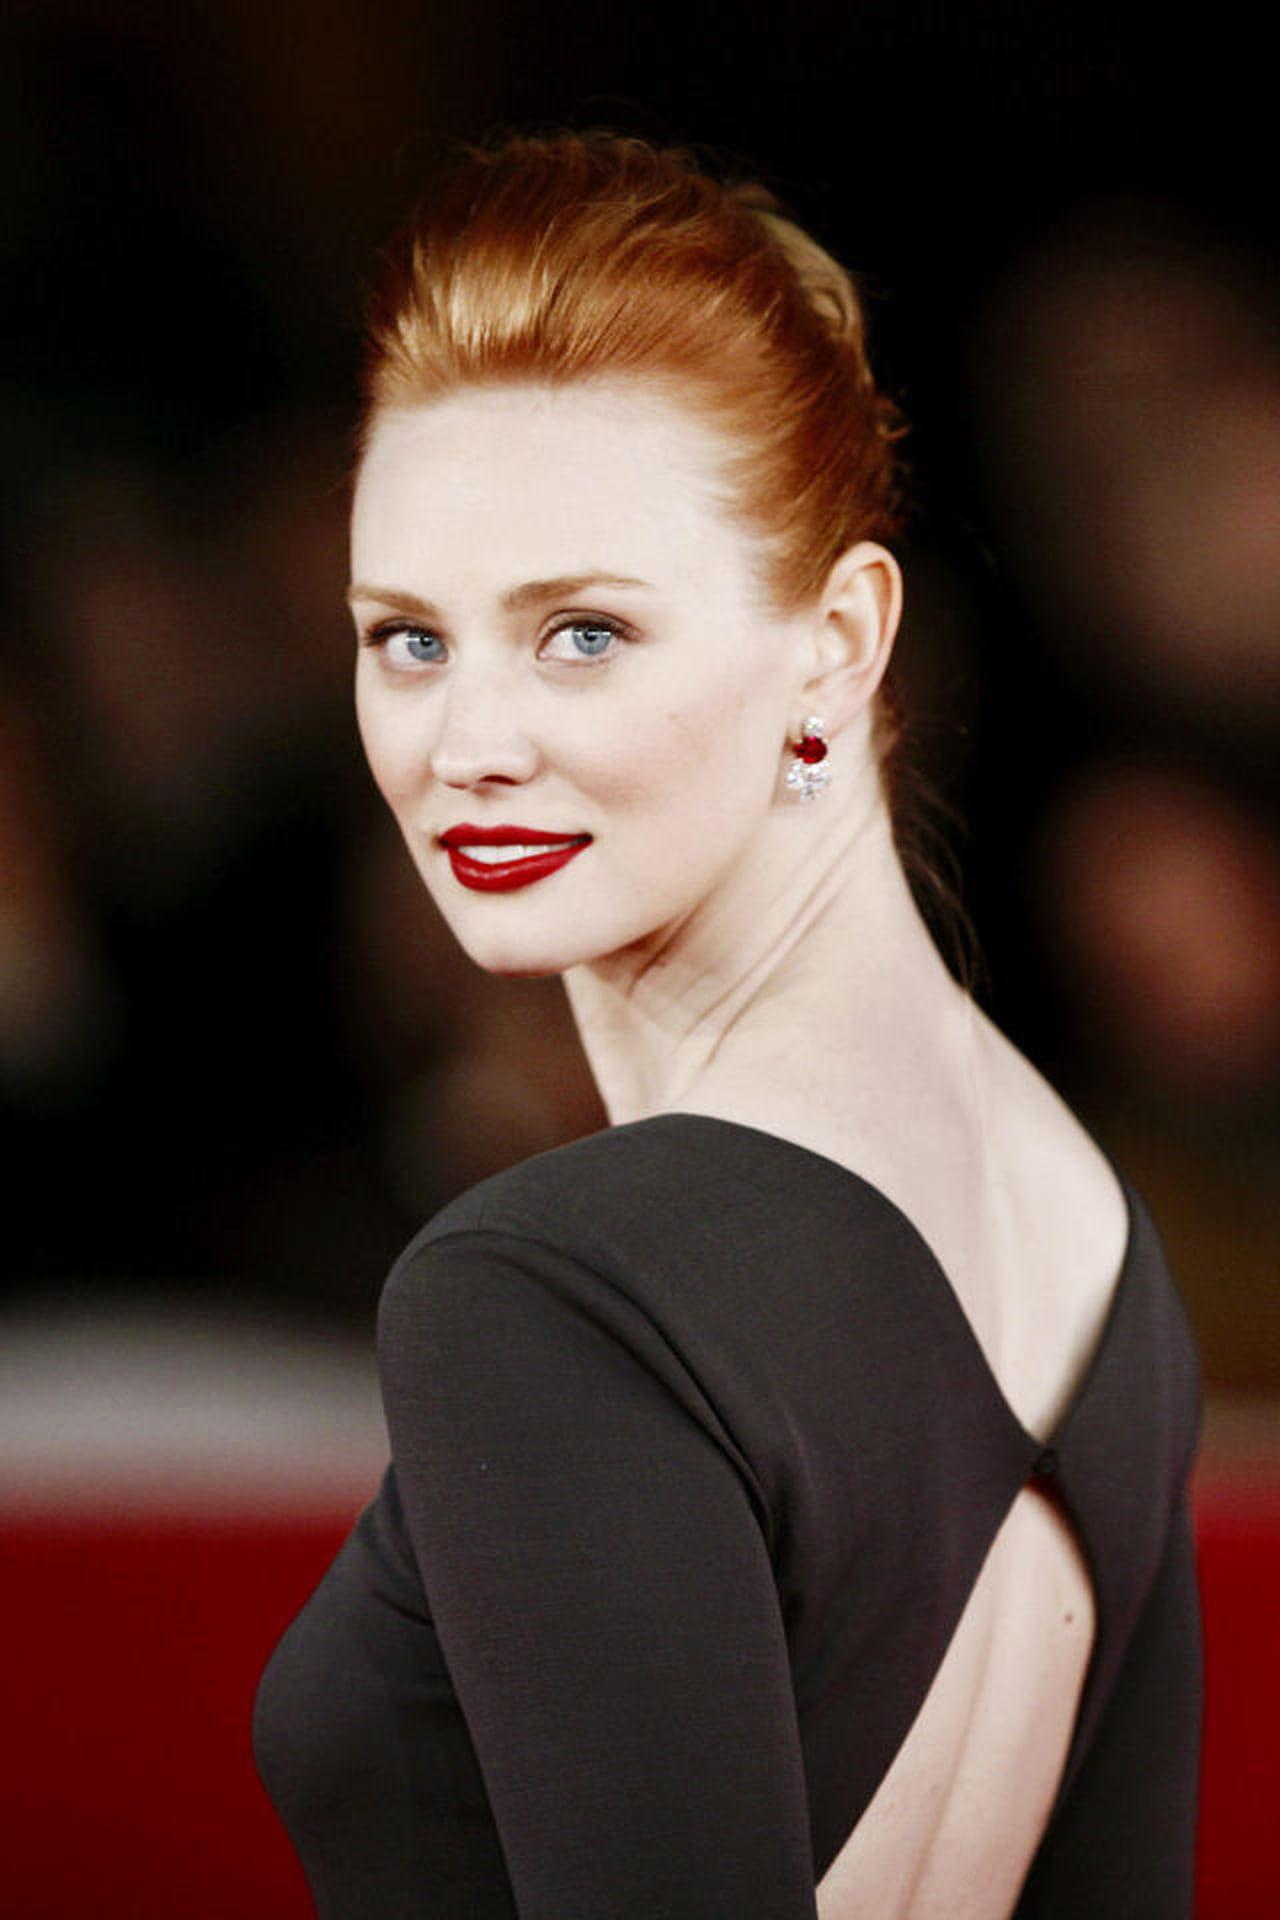 Capelli rossi: copia il look delle star - Magazine delle donne